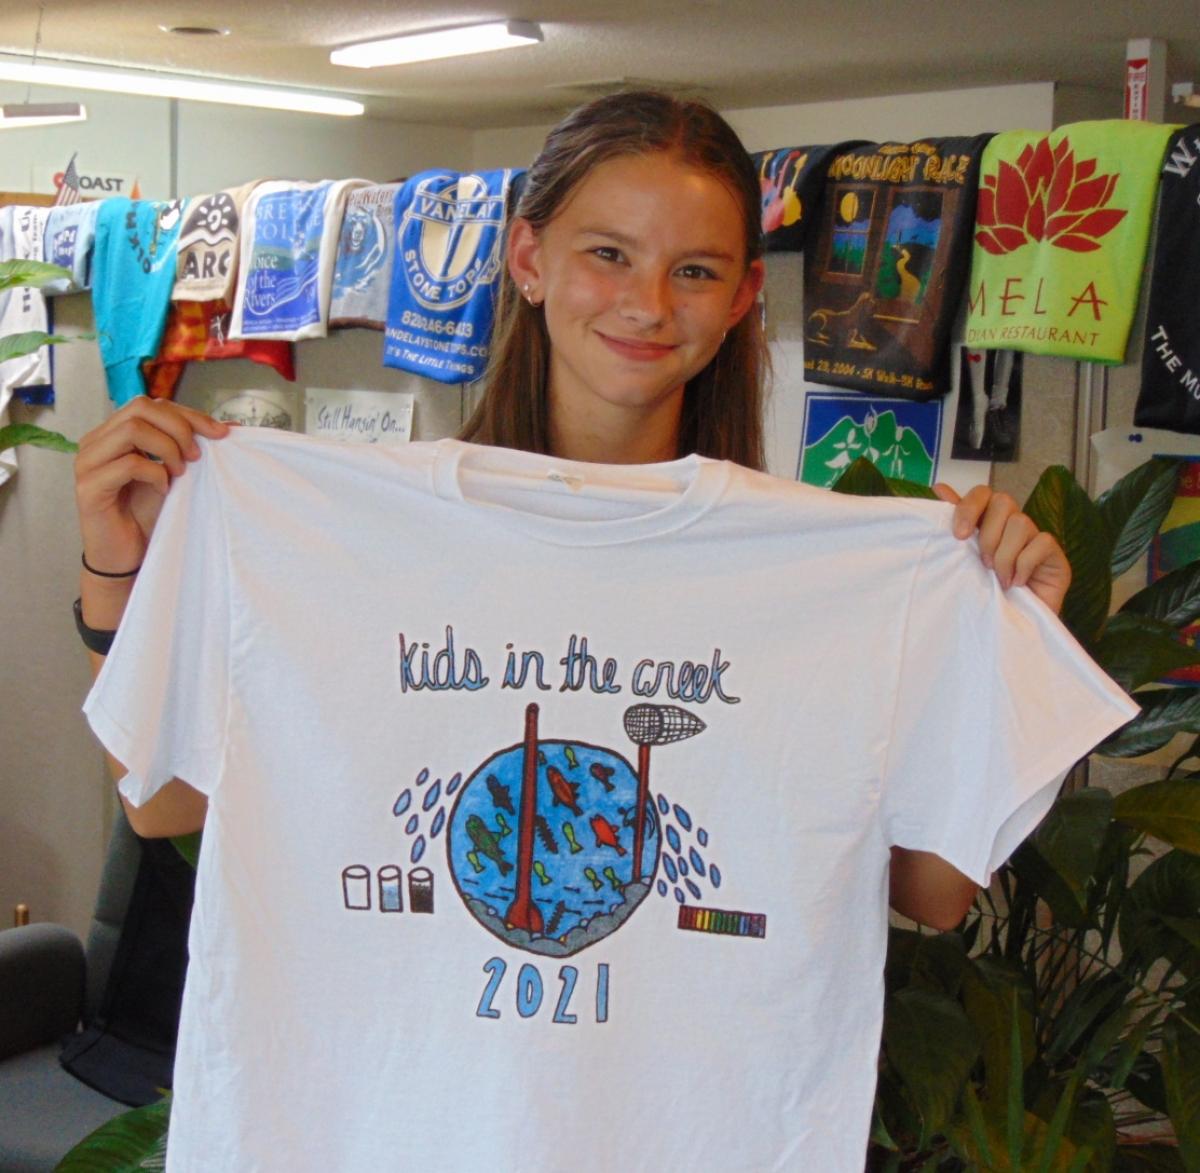 Winner announced for Kids in the Creek shirt design